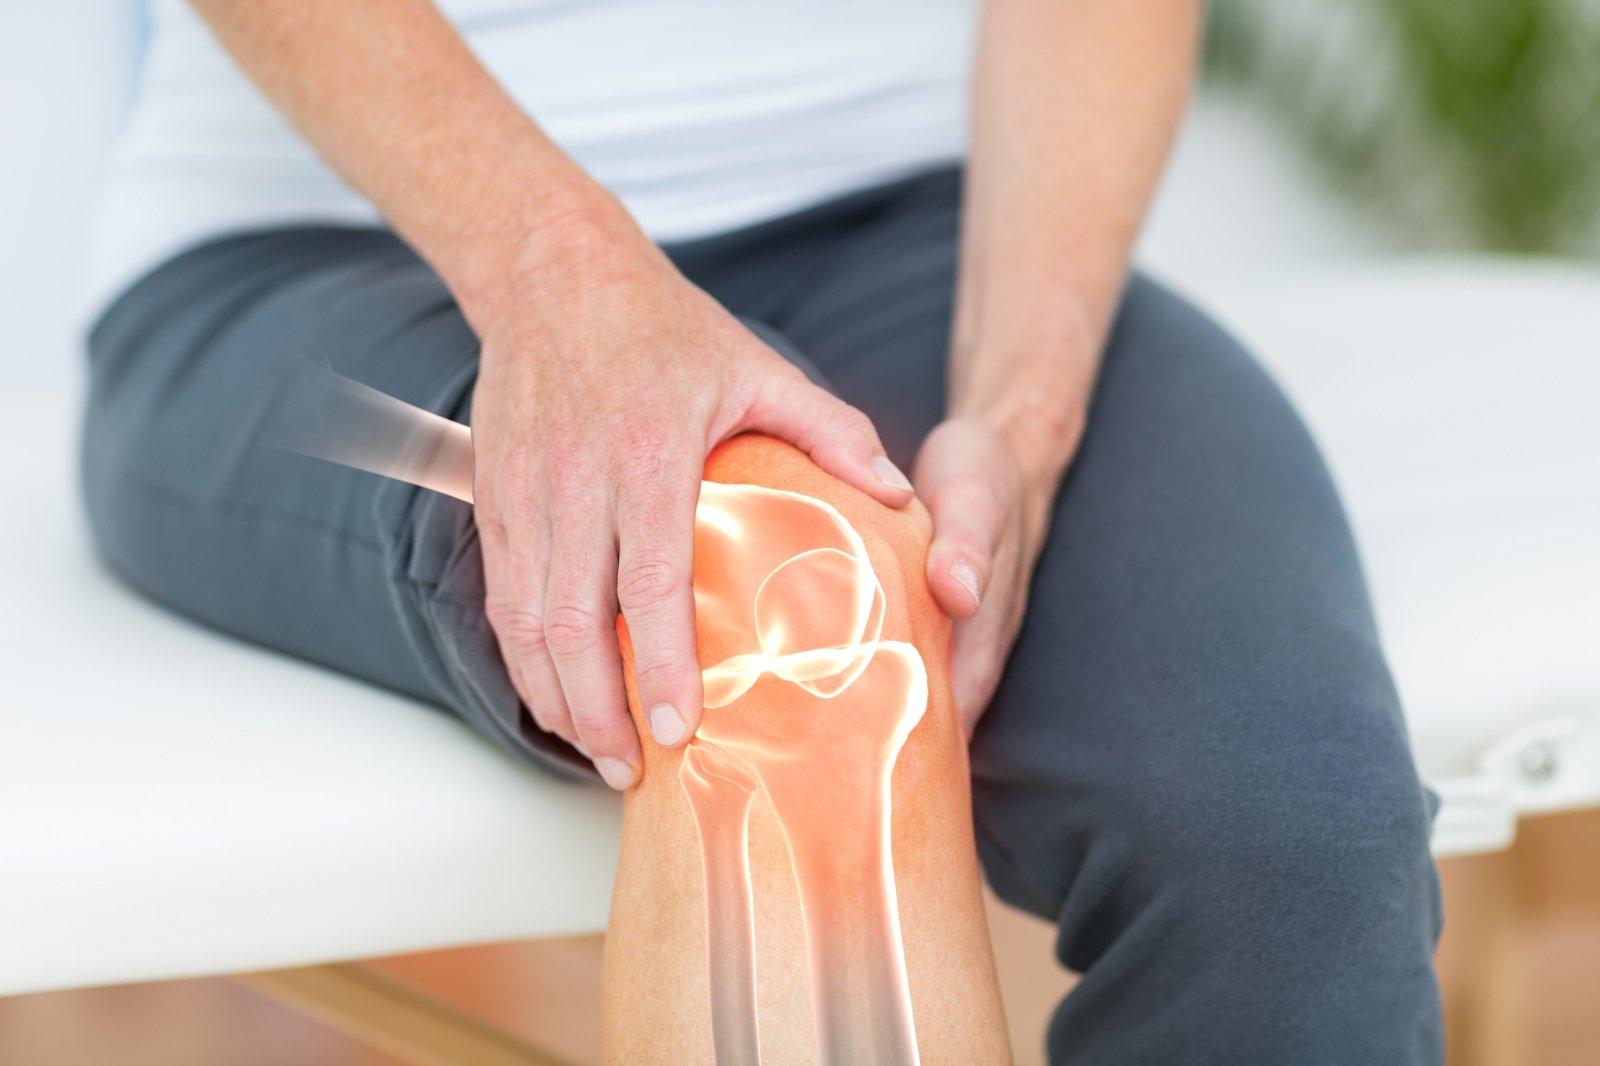 maisto ir sąnarių ligomis kai tepalas padėti osteochondrozės